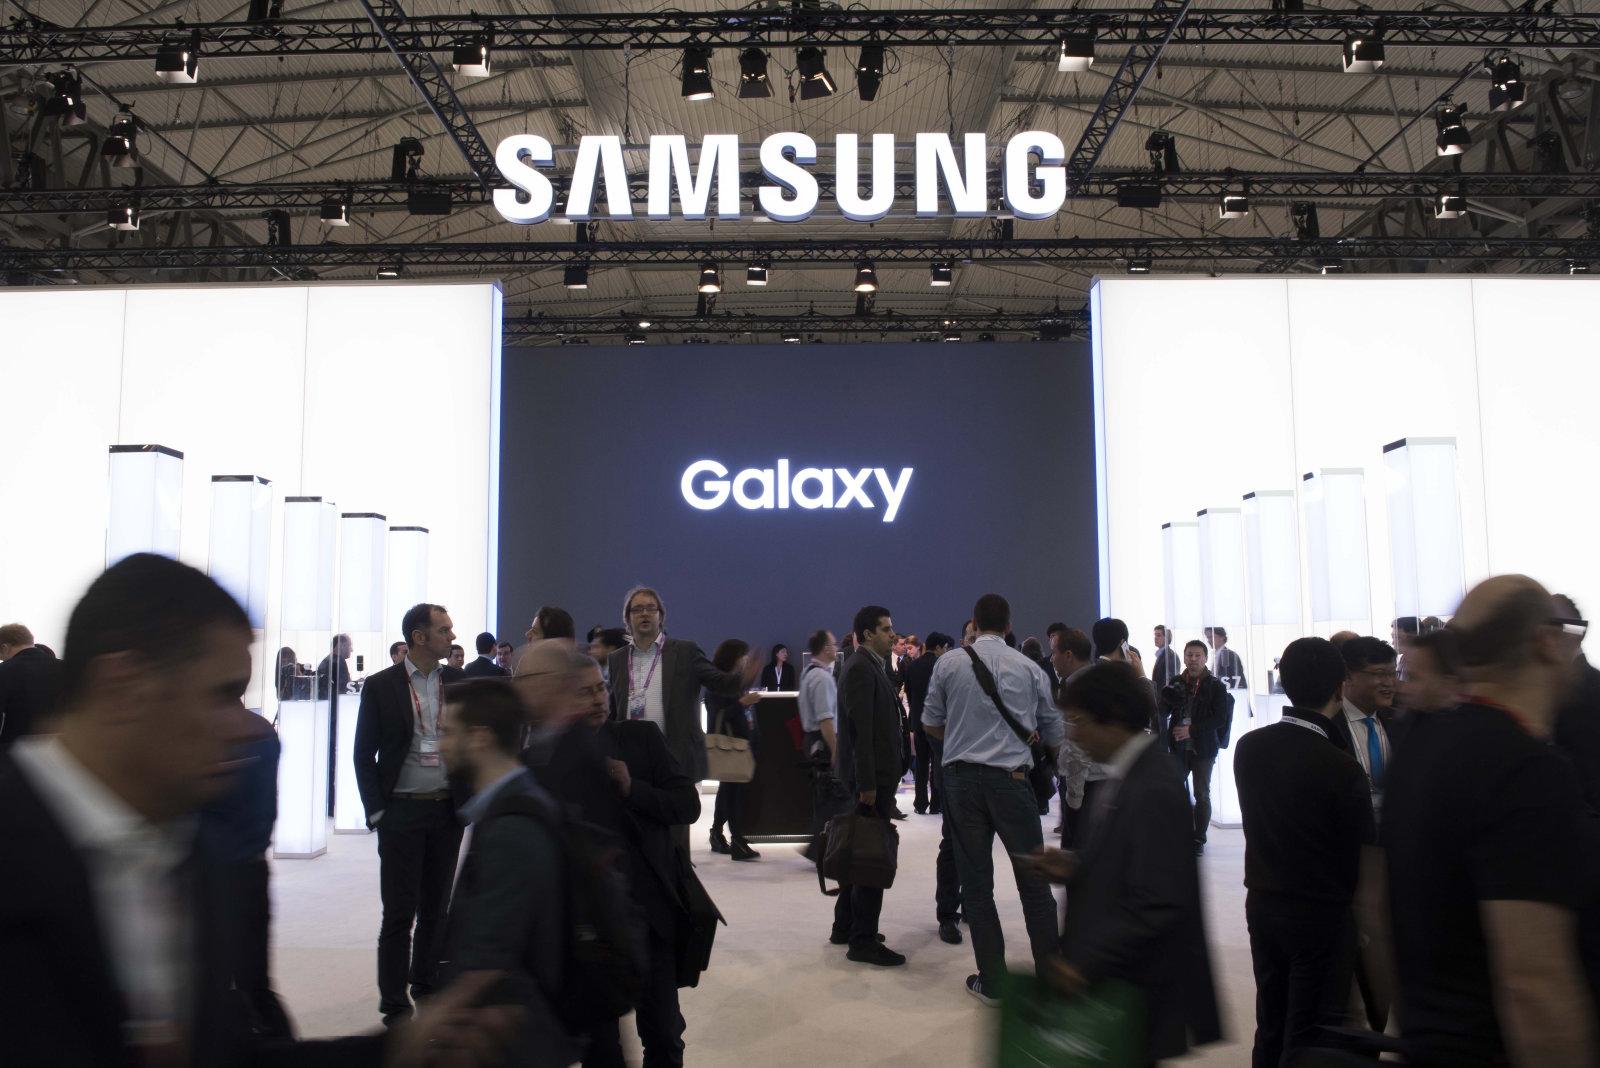 Sigue en vídeo y en directo el Samsung Galaxy Unpacked 2018